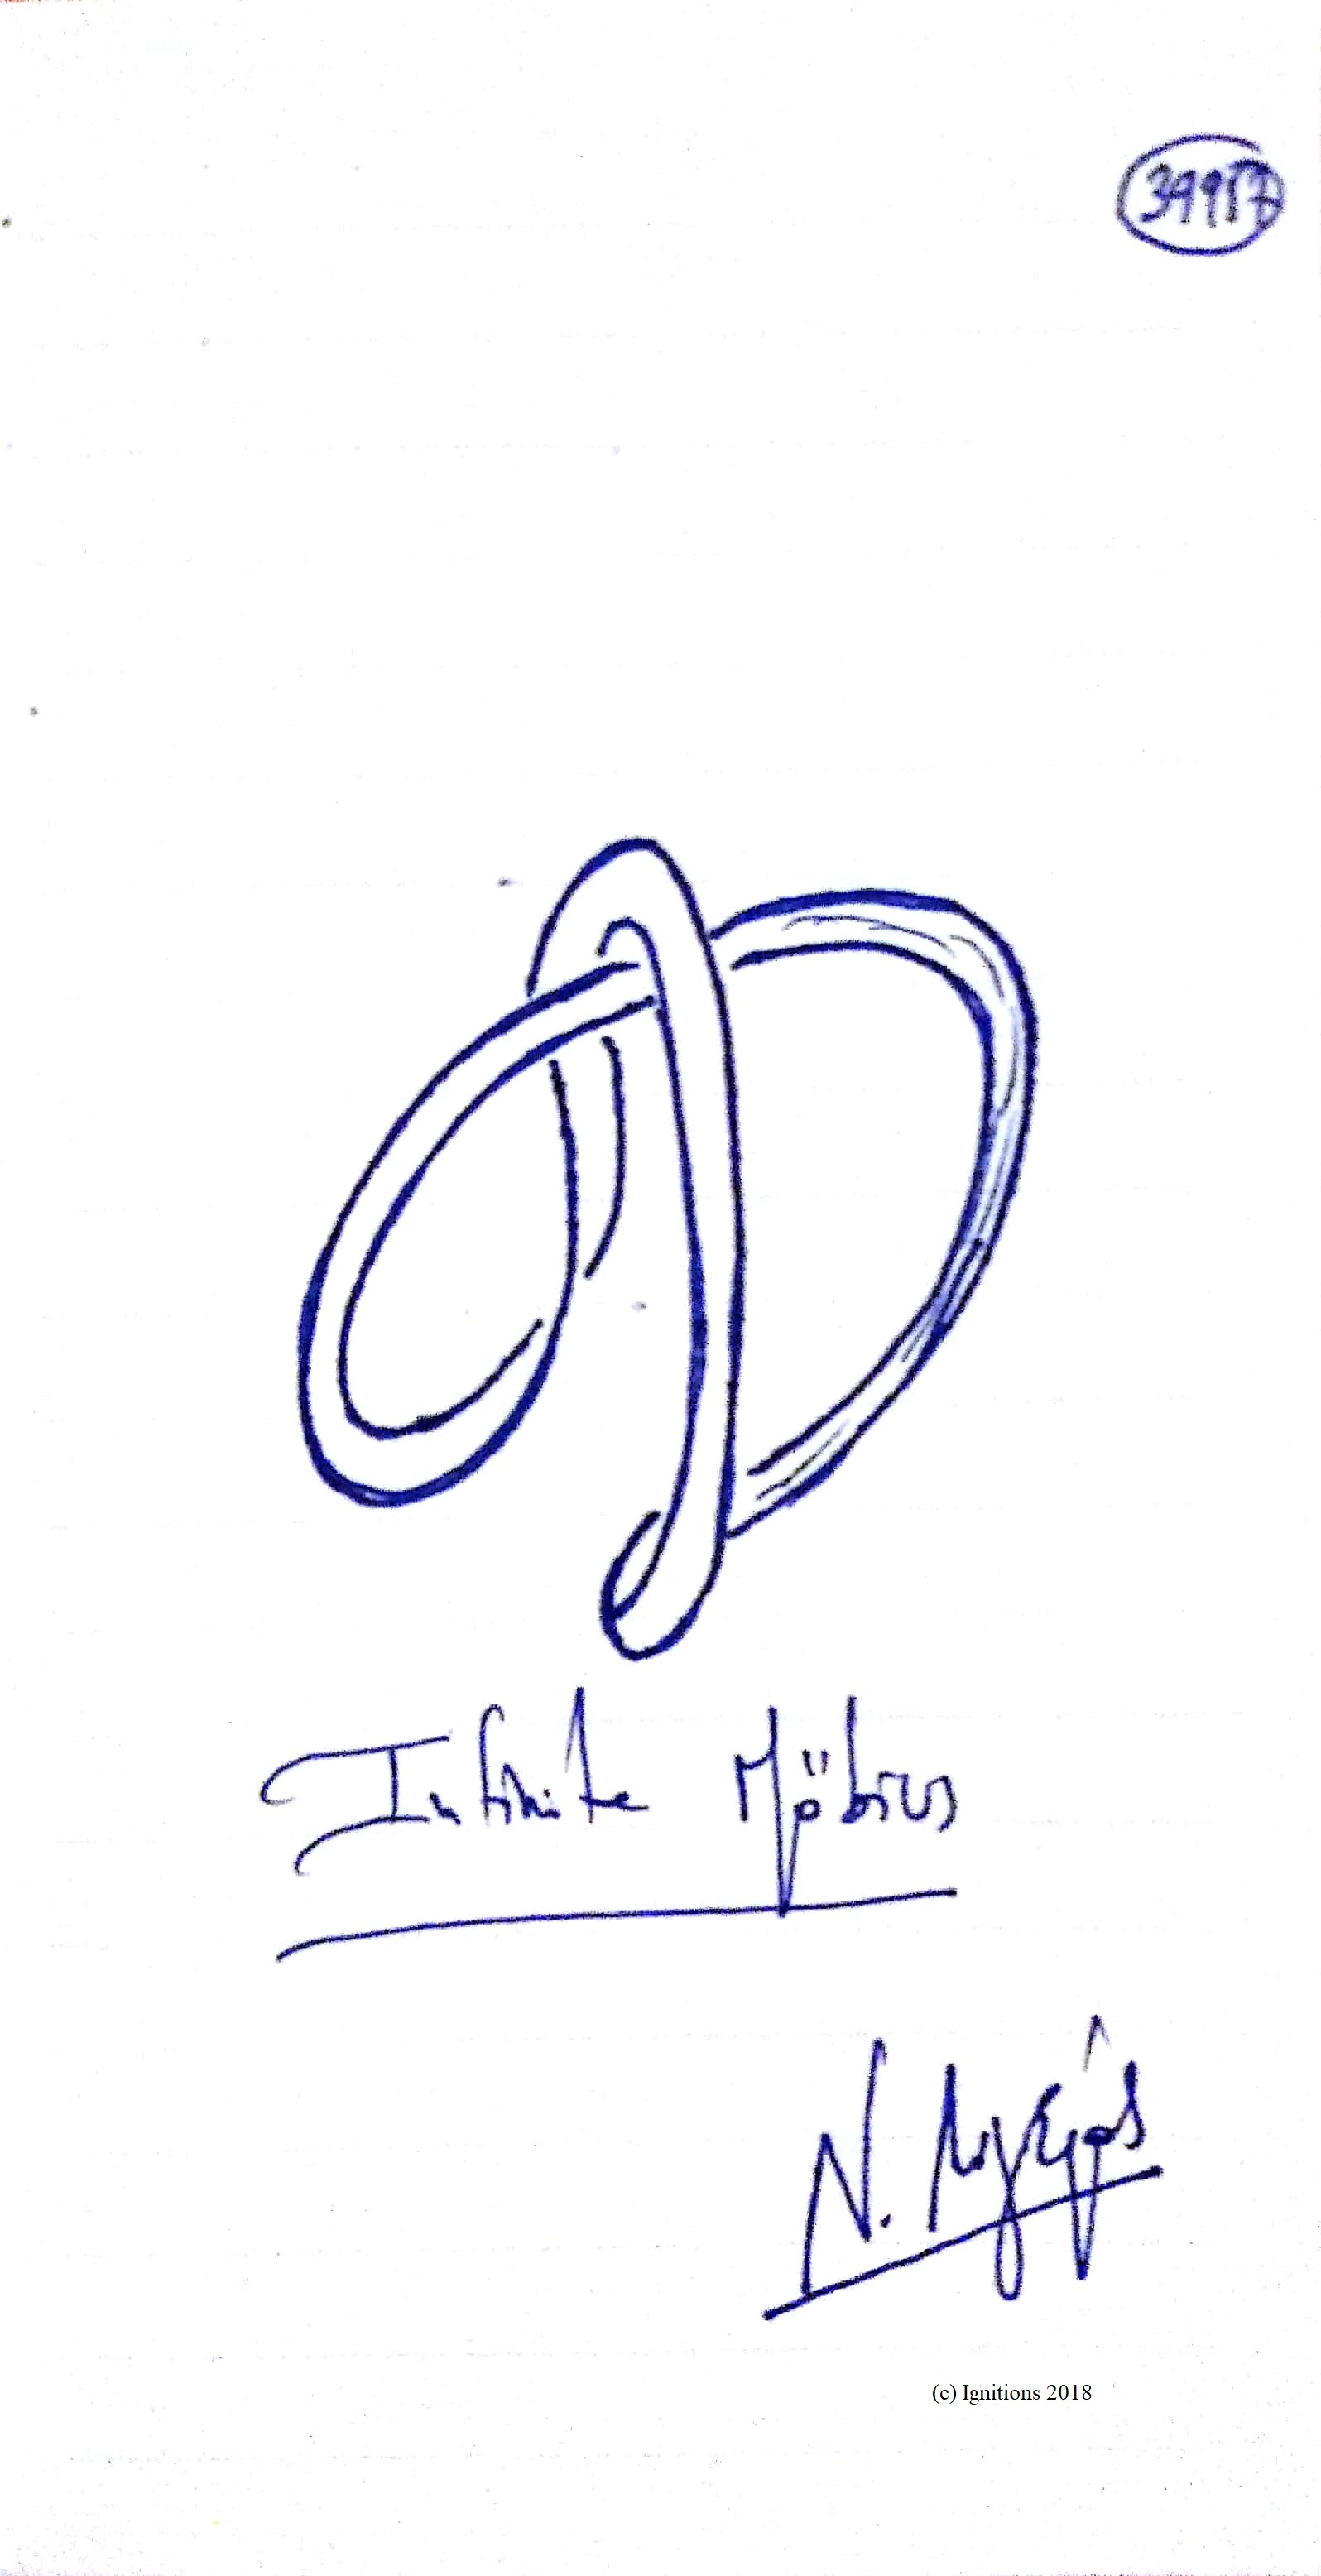 Infinite Möbius. (Dessin)